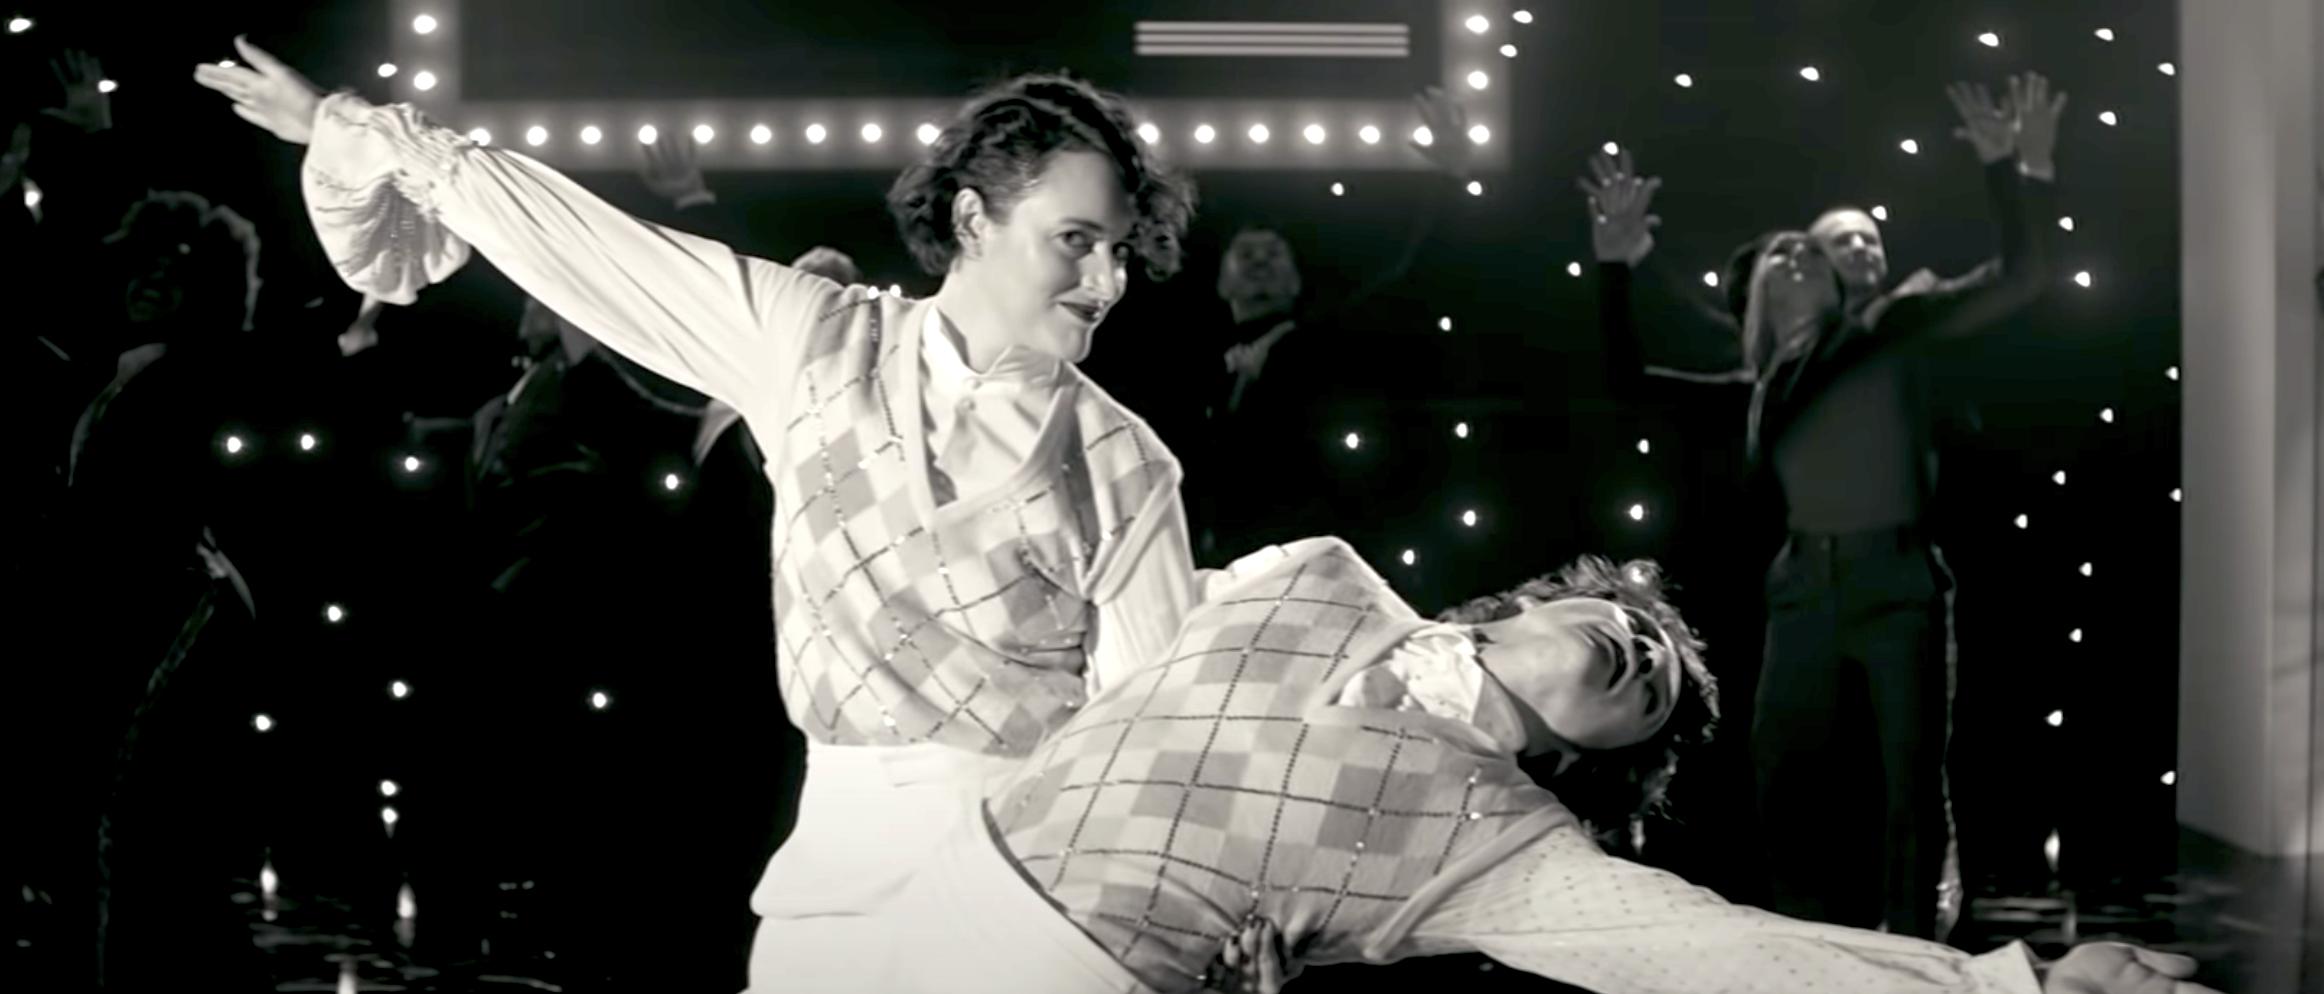 Harry Styles Dances In 2021 With Phoebe Waller Bridge Video Watch